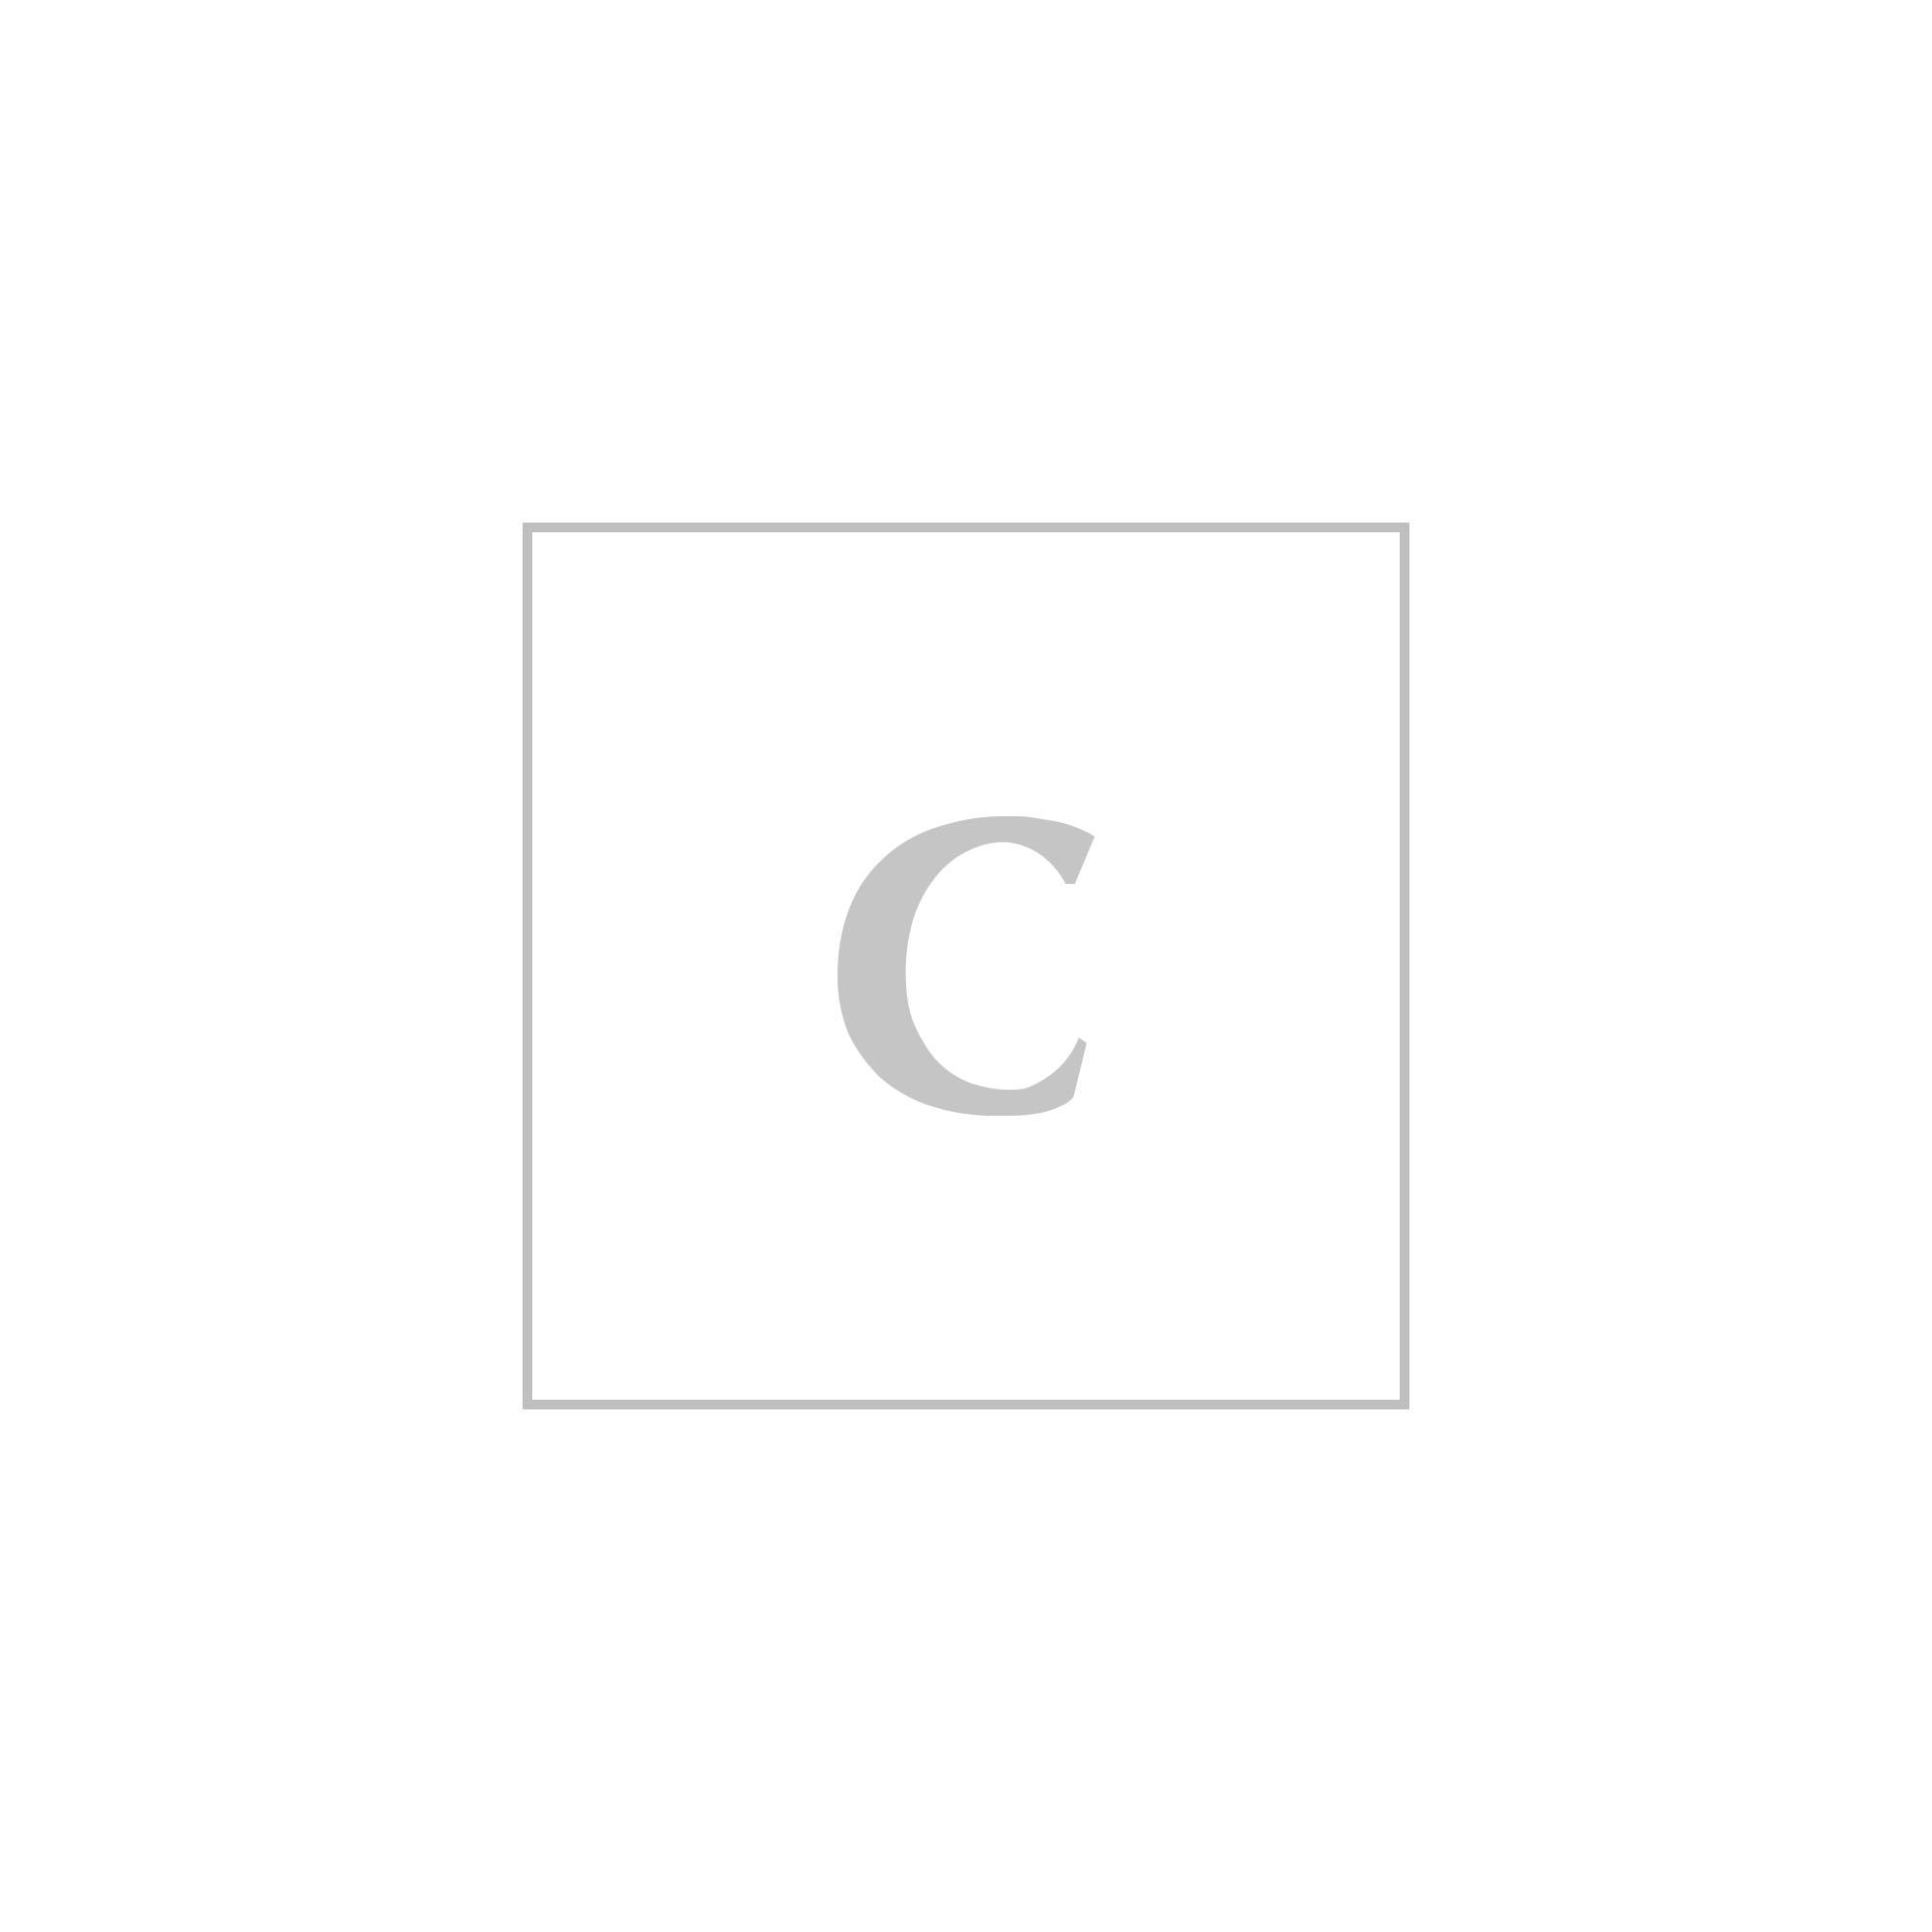 moncler outlet online recensioni